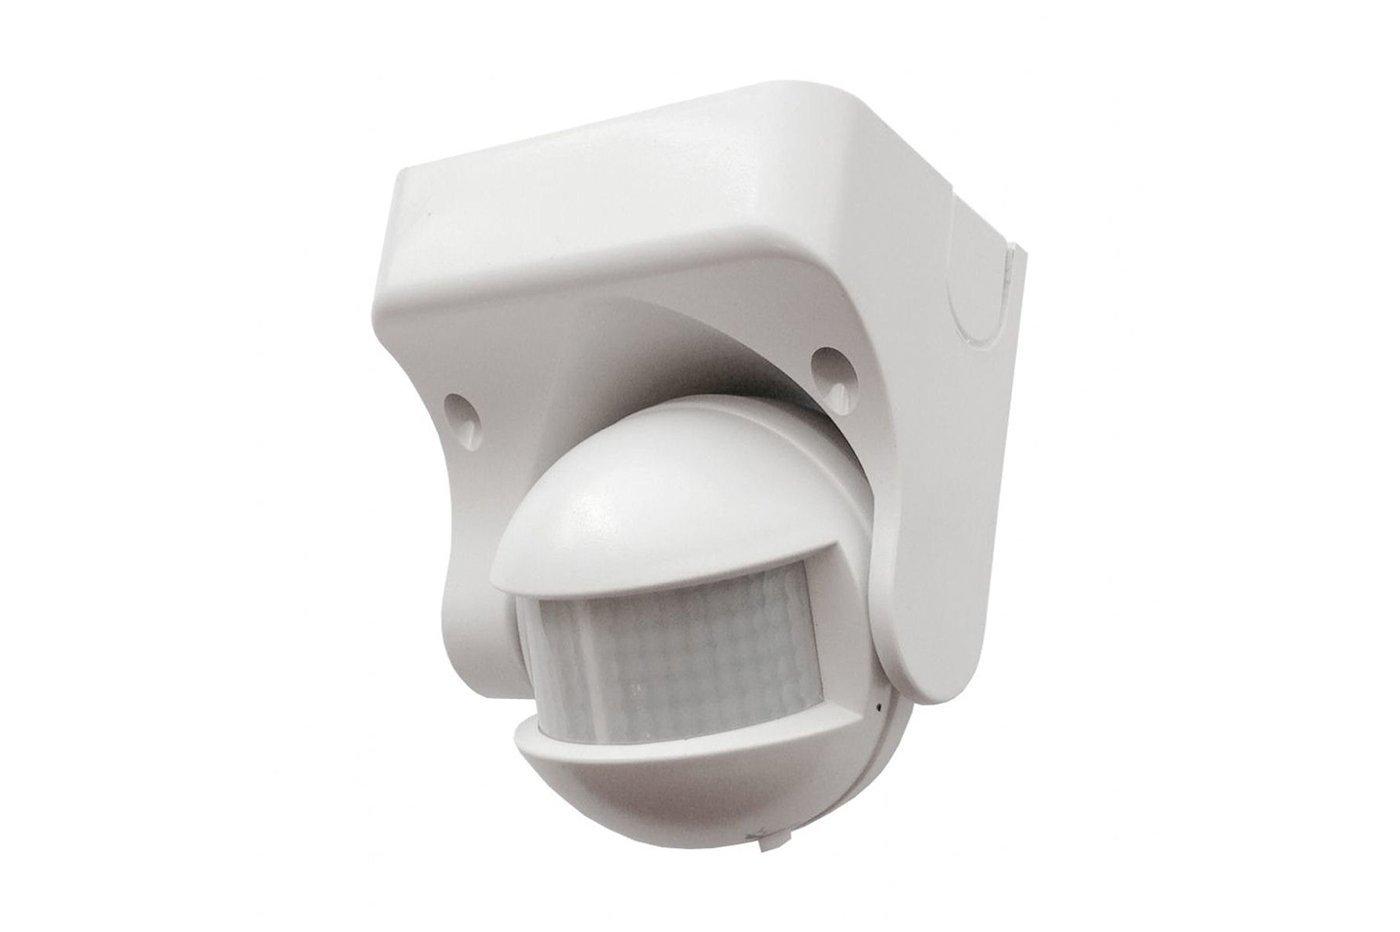 Plafoniere Con Sensore Di Presenza : Sensore di movimento infrarossi 180° pir crepuscolare rileva